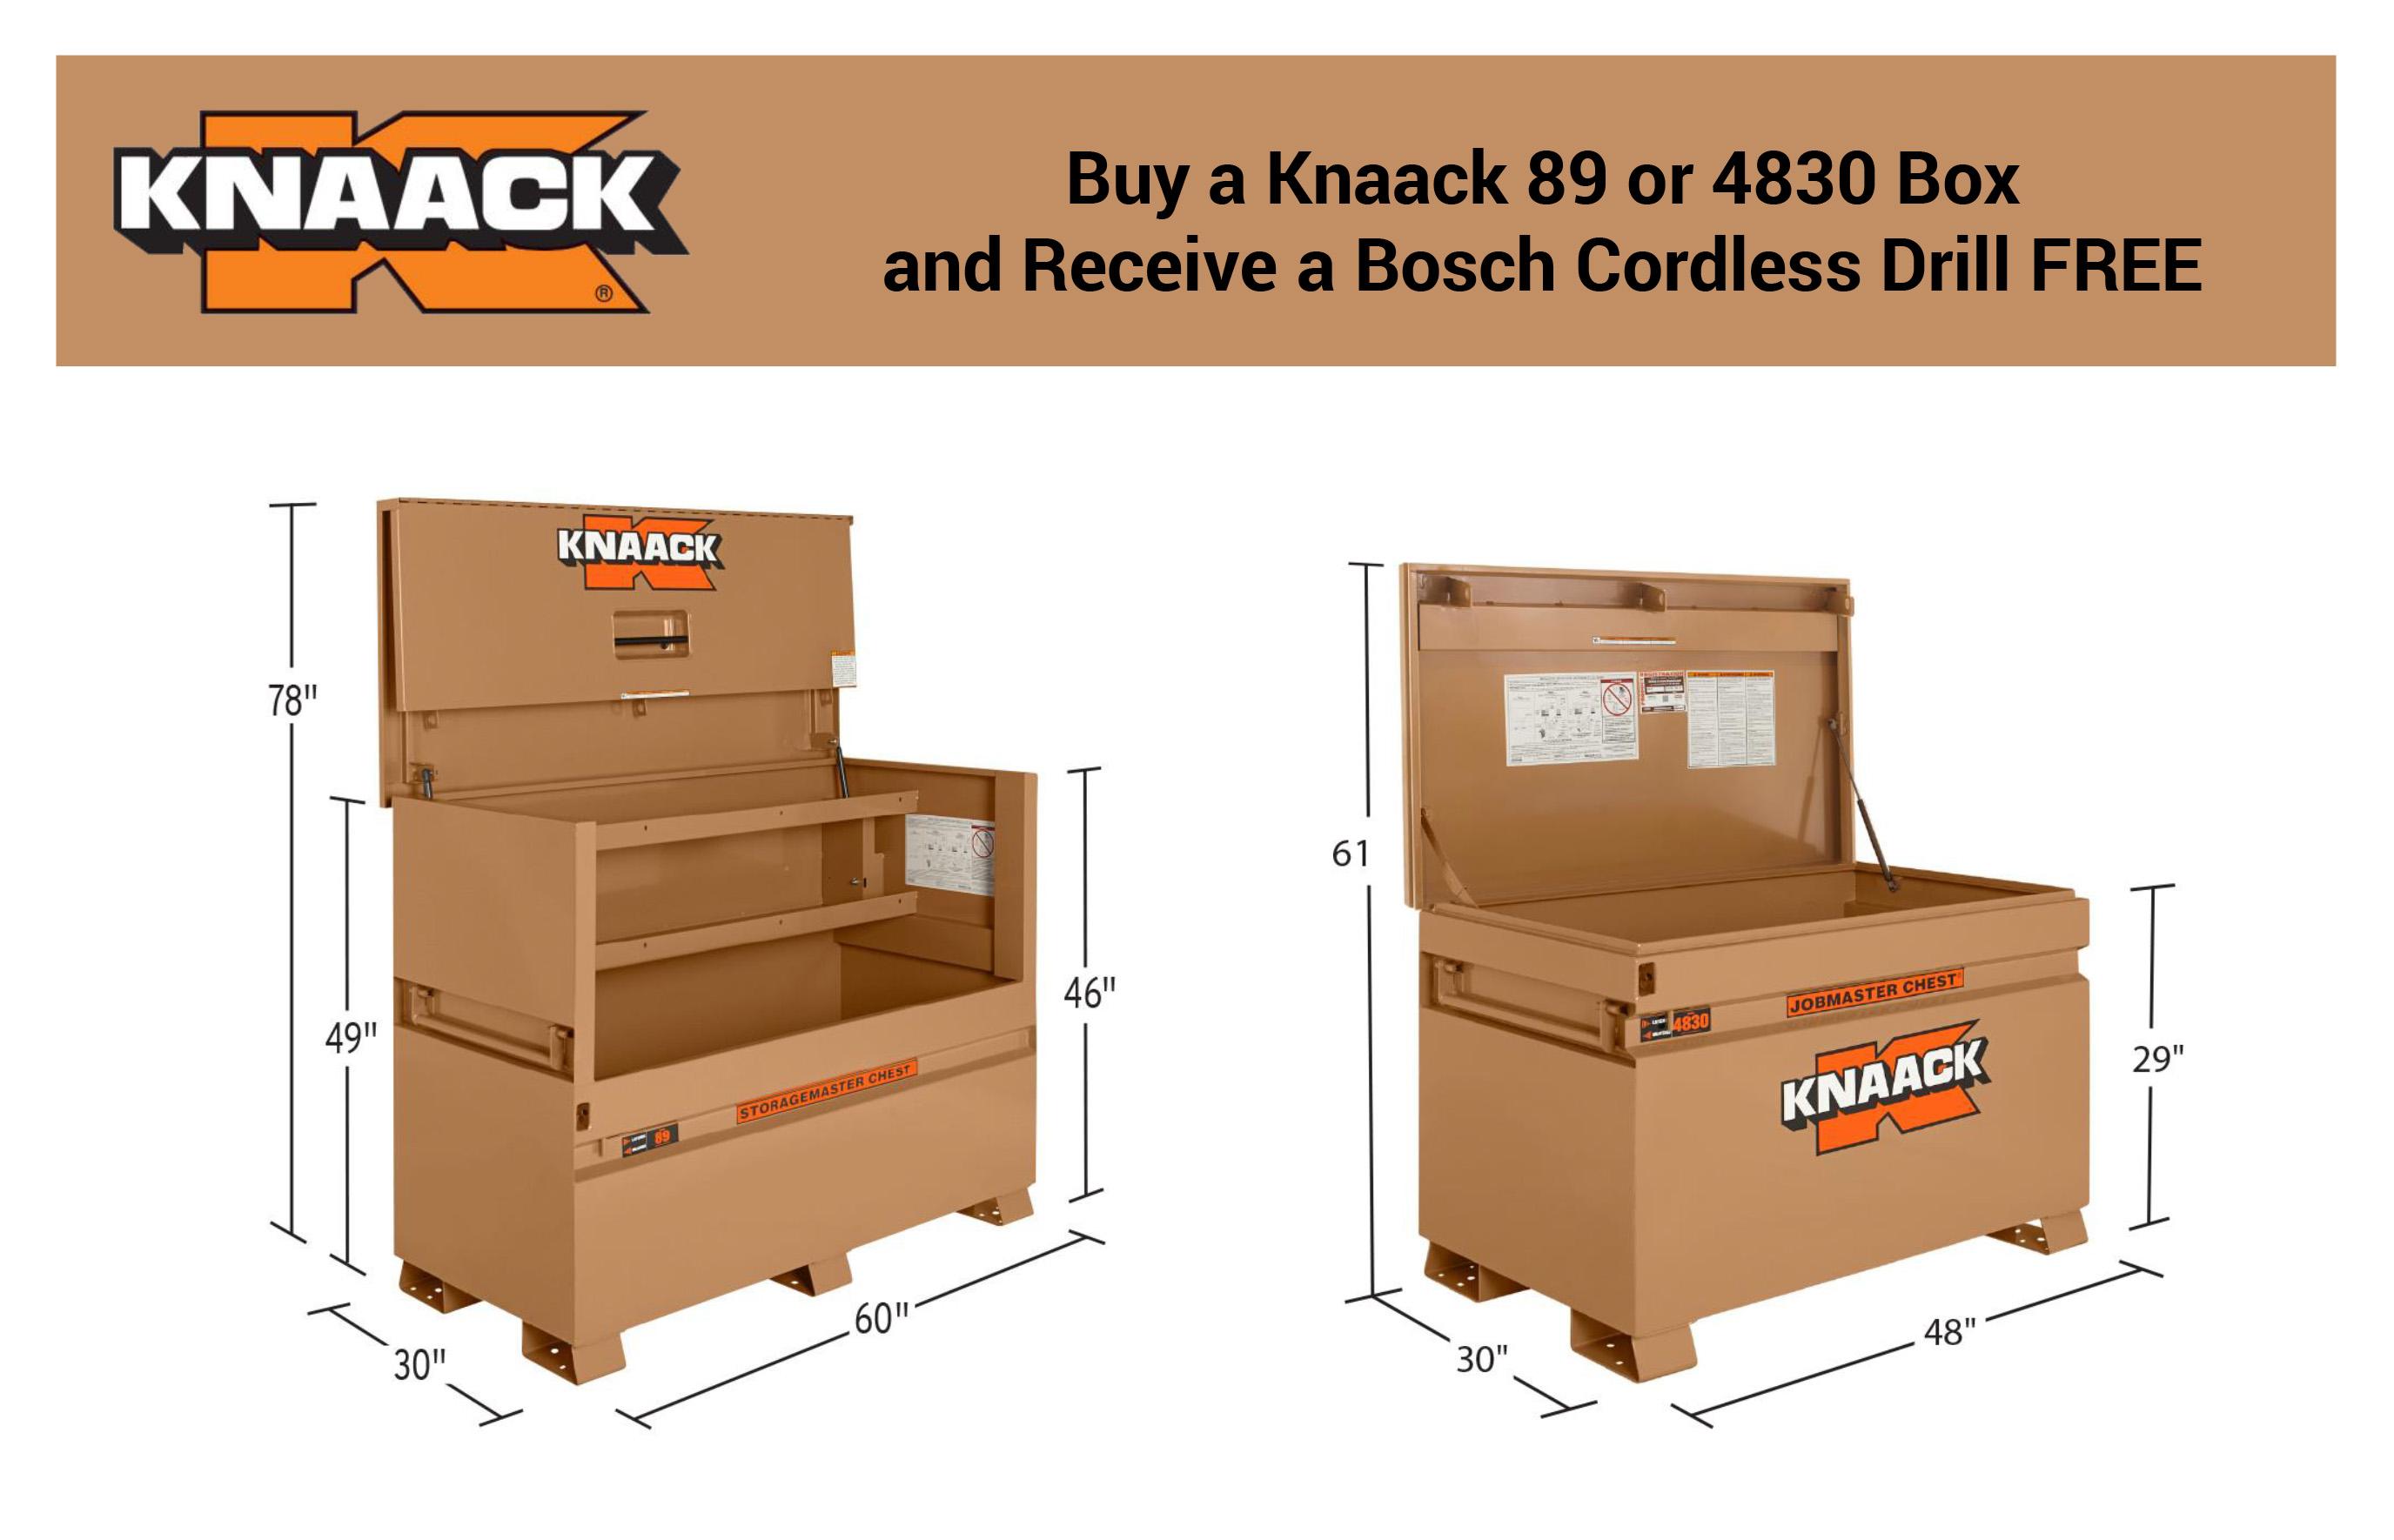 2018-12-6-knaack-promo-knaack-boxes.jpg